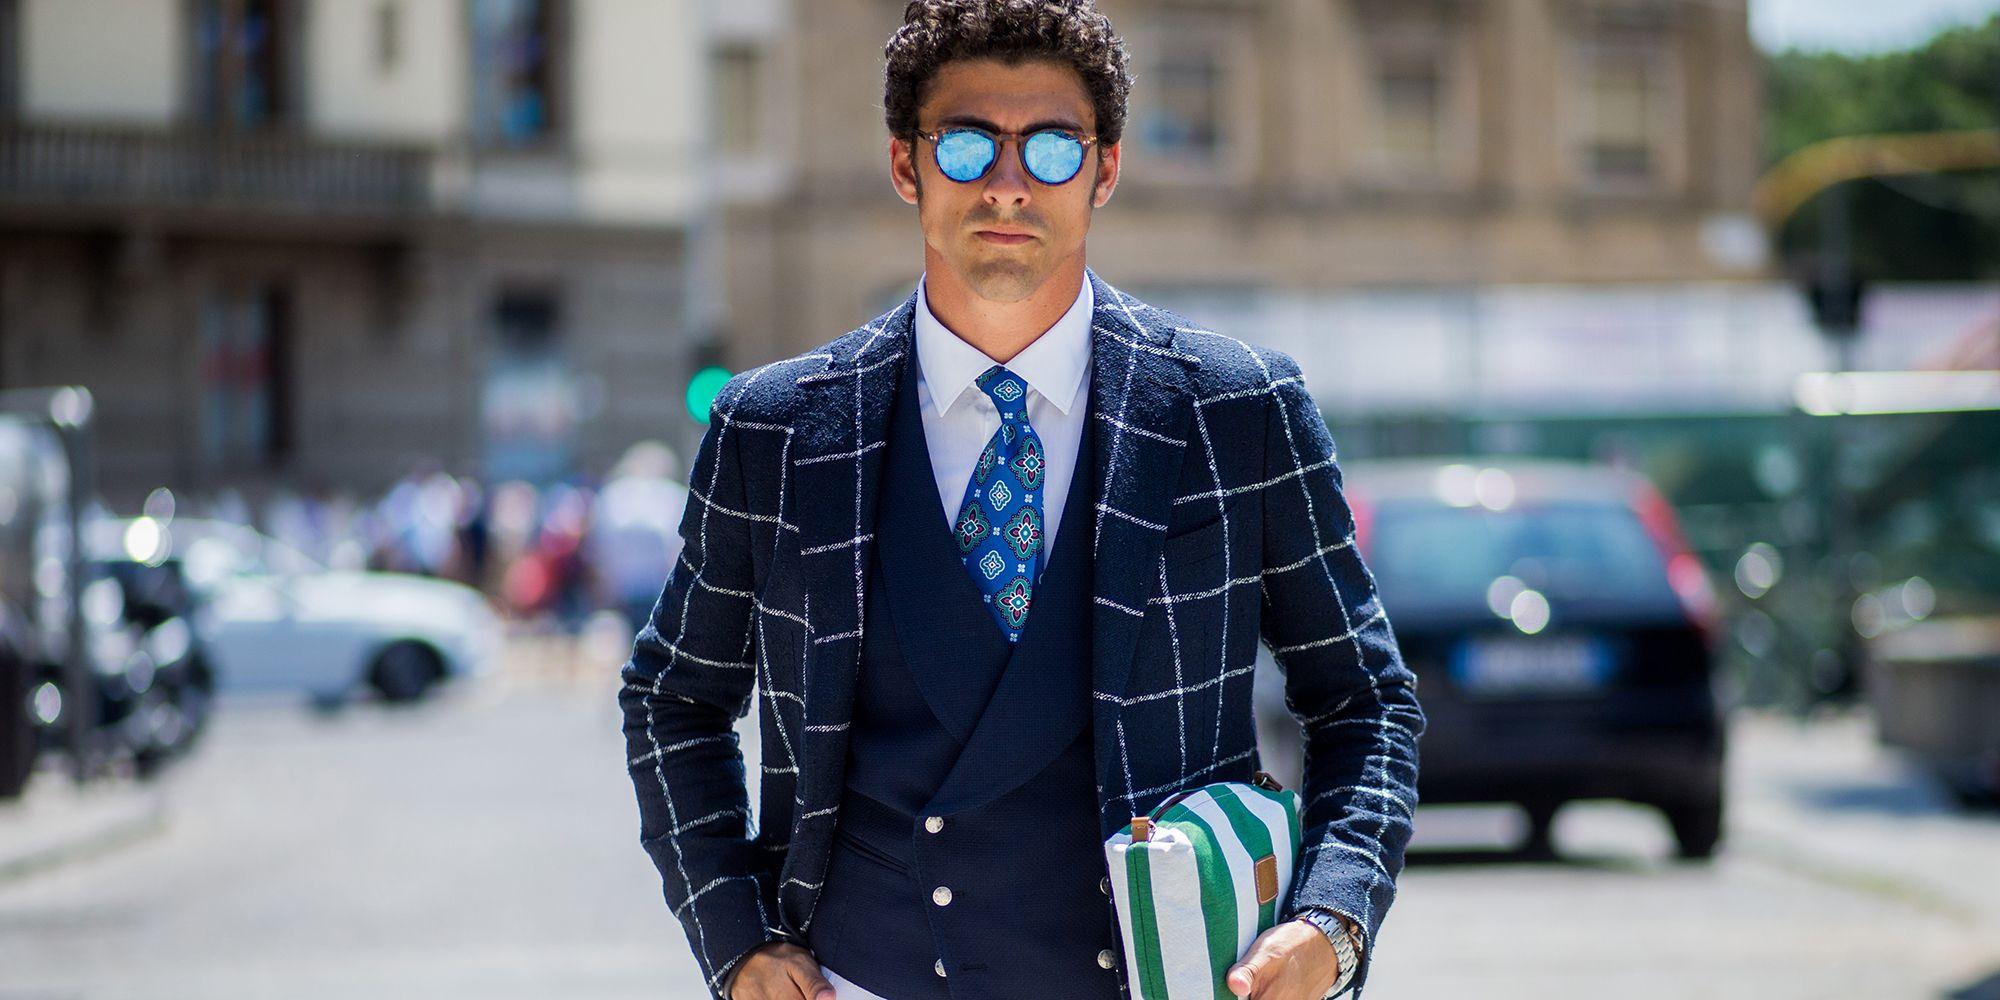 quantità limitata 100% autentico stile classico Cravatta: torna la larghezza regolare, addio alla skinny tie